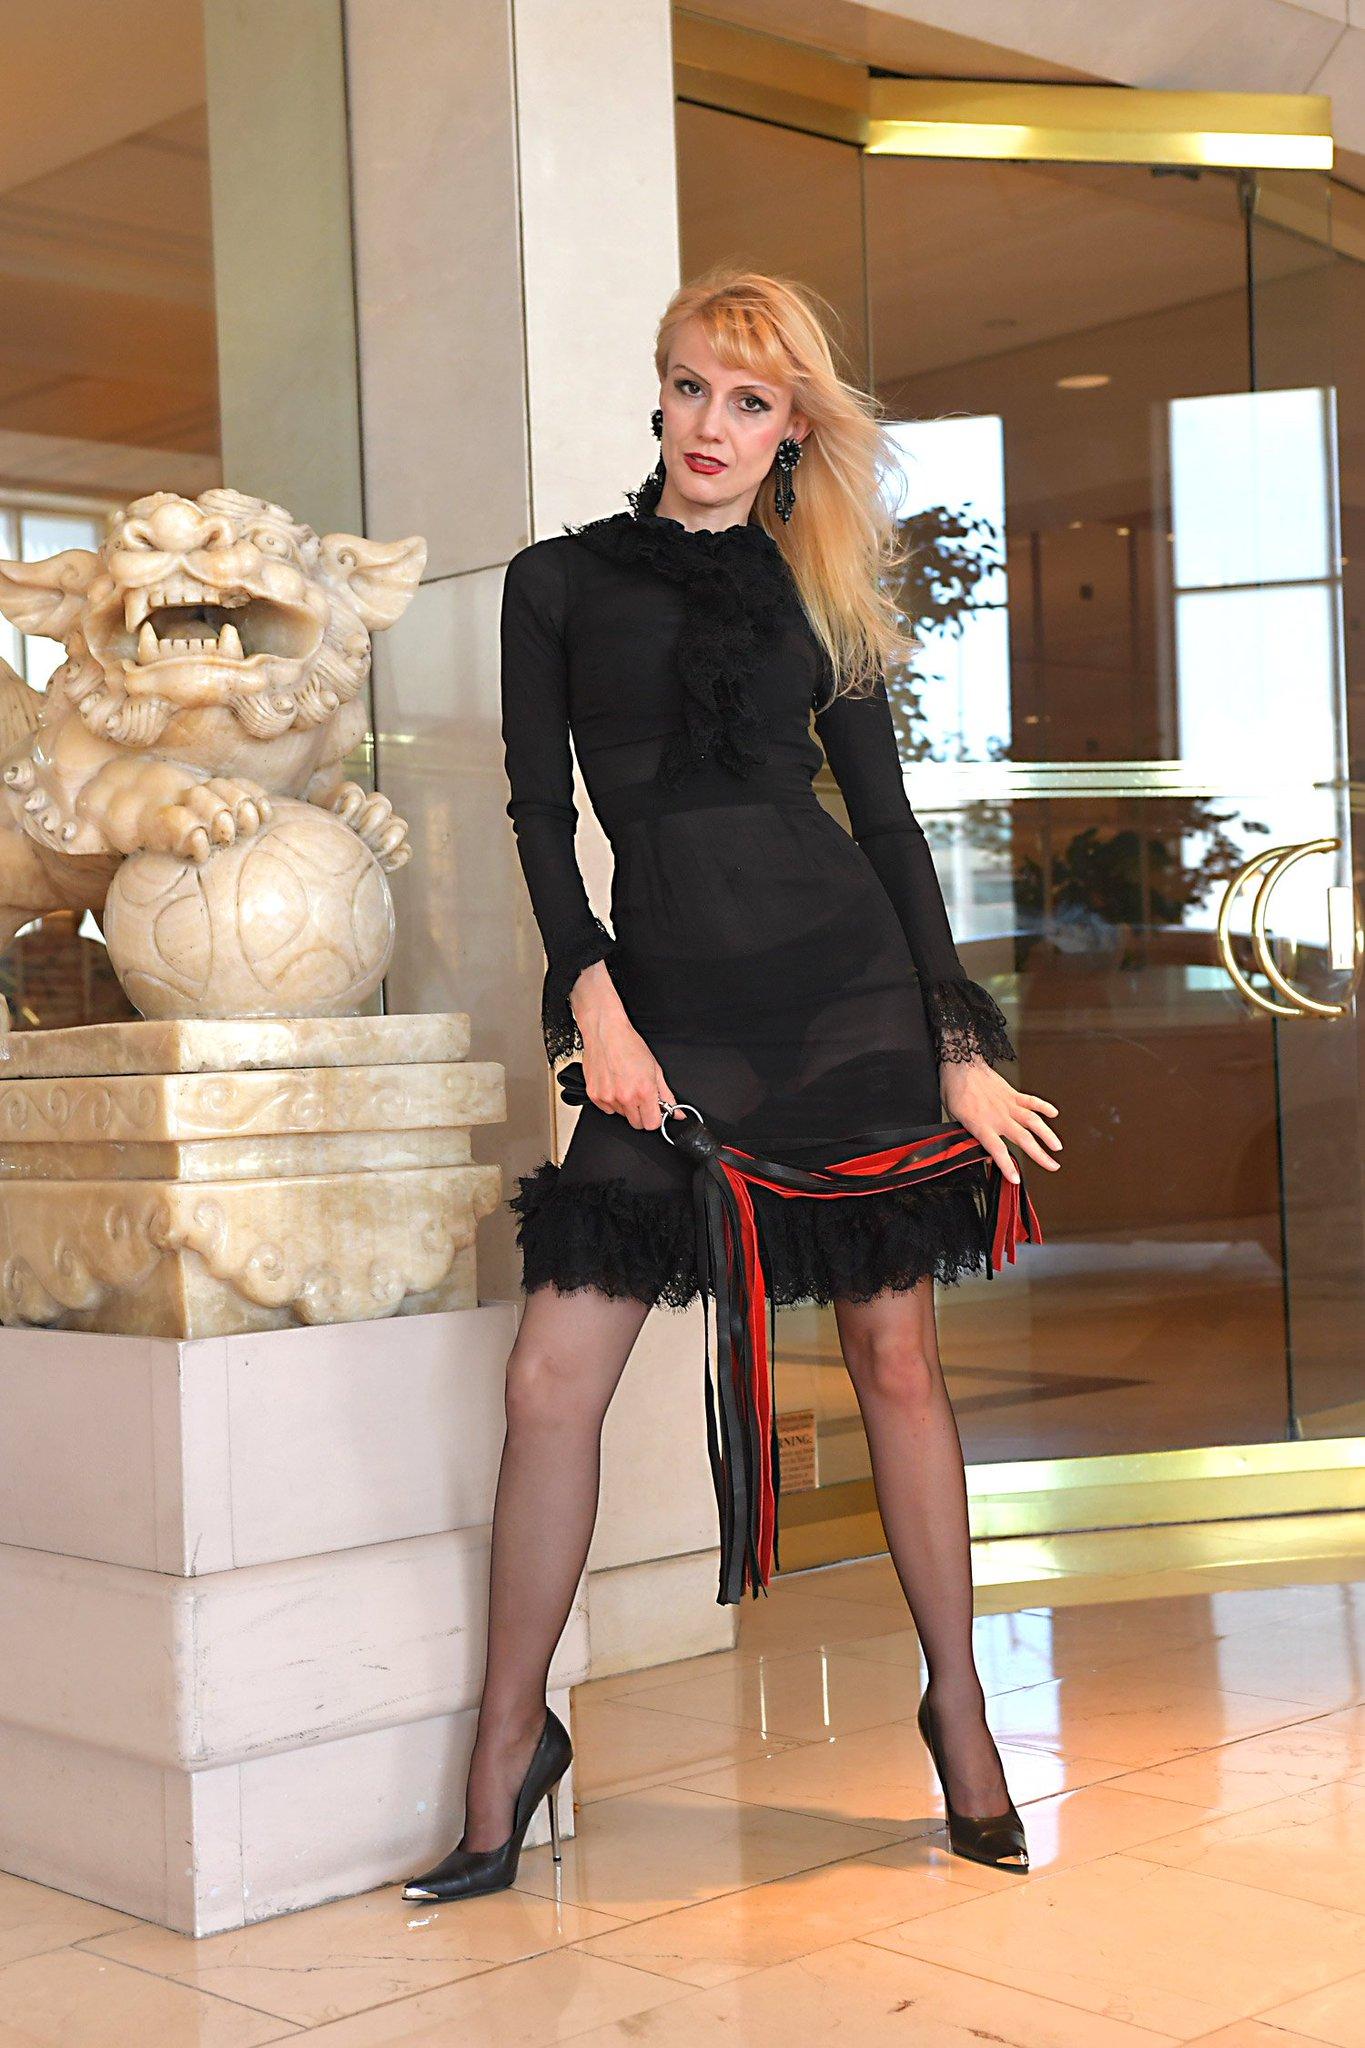 Karin von Kroft 💋 على تويتر: Karin von Kroft Dress to